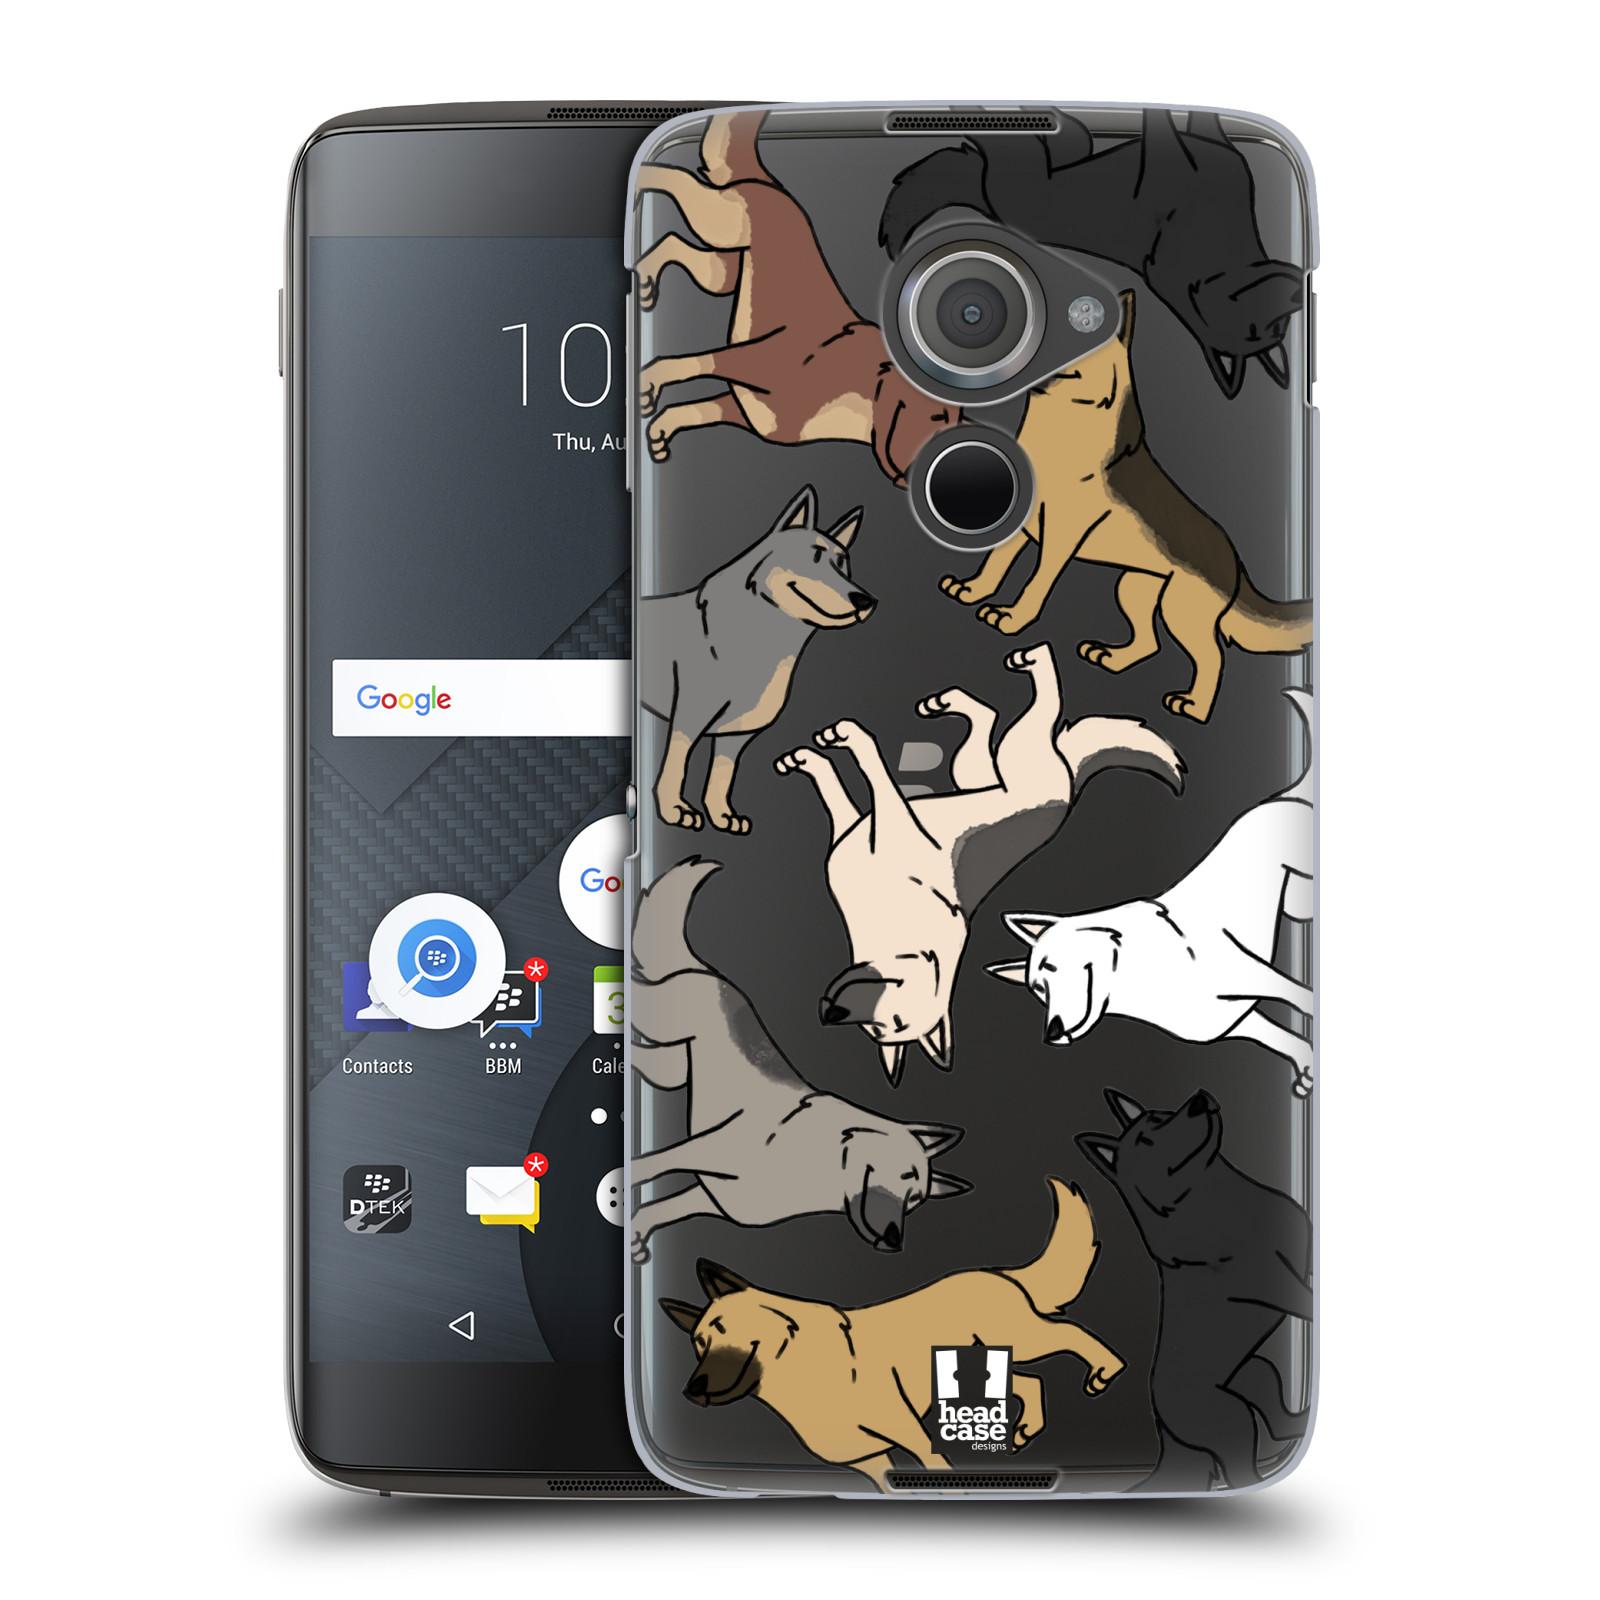 Plastové pouzdro na mobil Blackberry DTEK60 (Argon) - Head Case - Něměcký ovčák (Plastový kryt či obal na mobilní telefon s motivem německých ovčáků pro Blackberry DTEK60 (Argon))